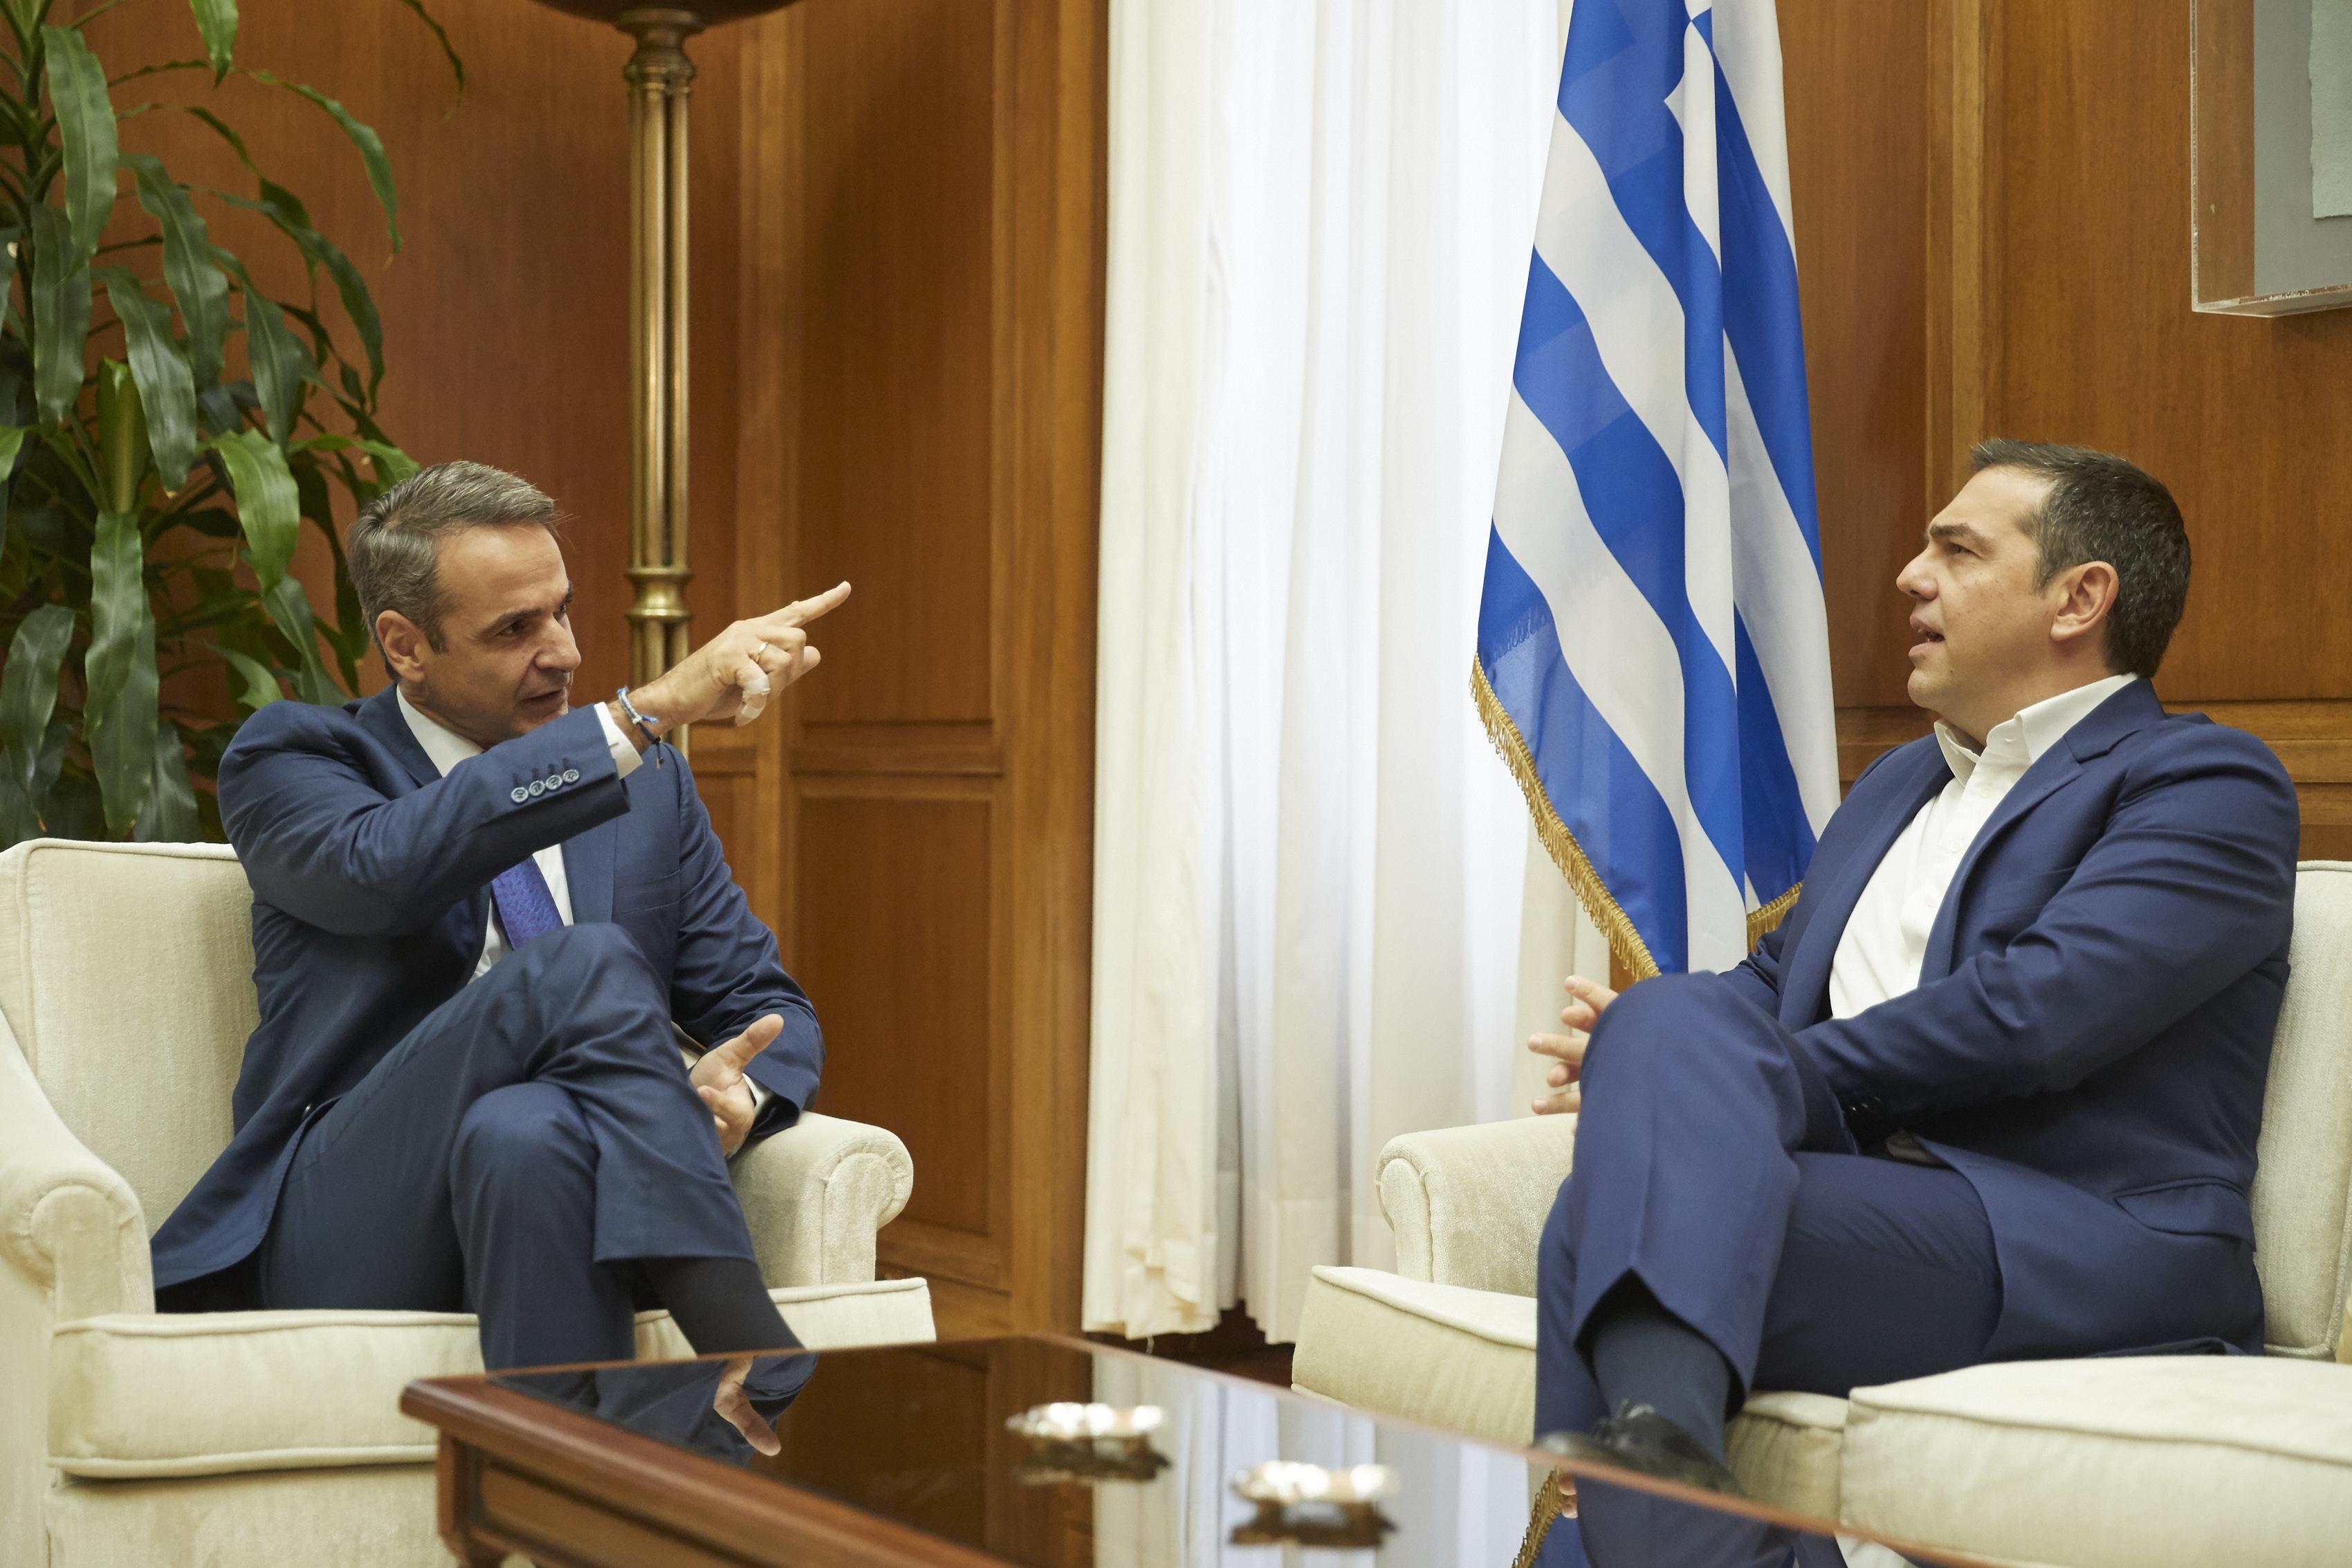 Τσίπρας μετά την συνάντηση με Μητσοτάκη: Όχι στον διχασμό των Ελλήνων της διασποράς